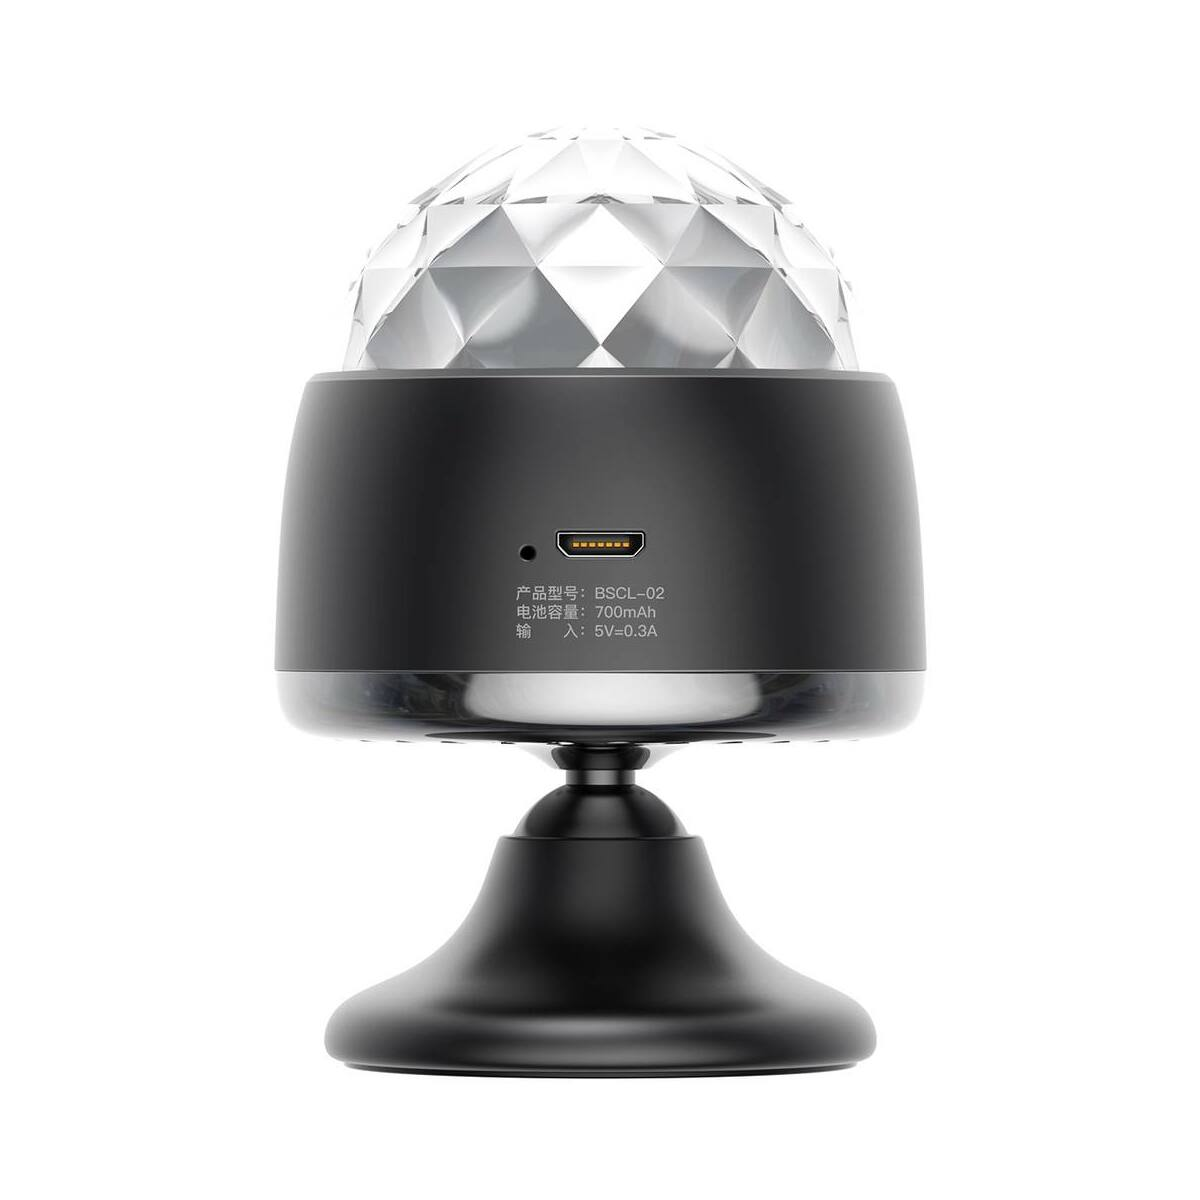 Baseus Crystal varázsgömb lámpa, fekete (ACMQD-01)